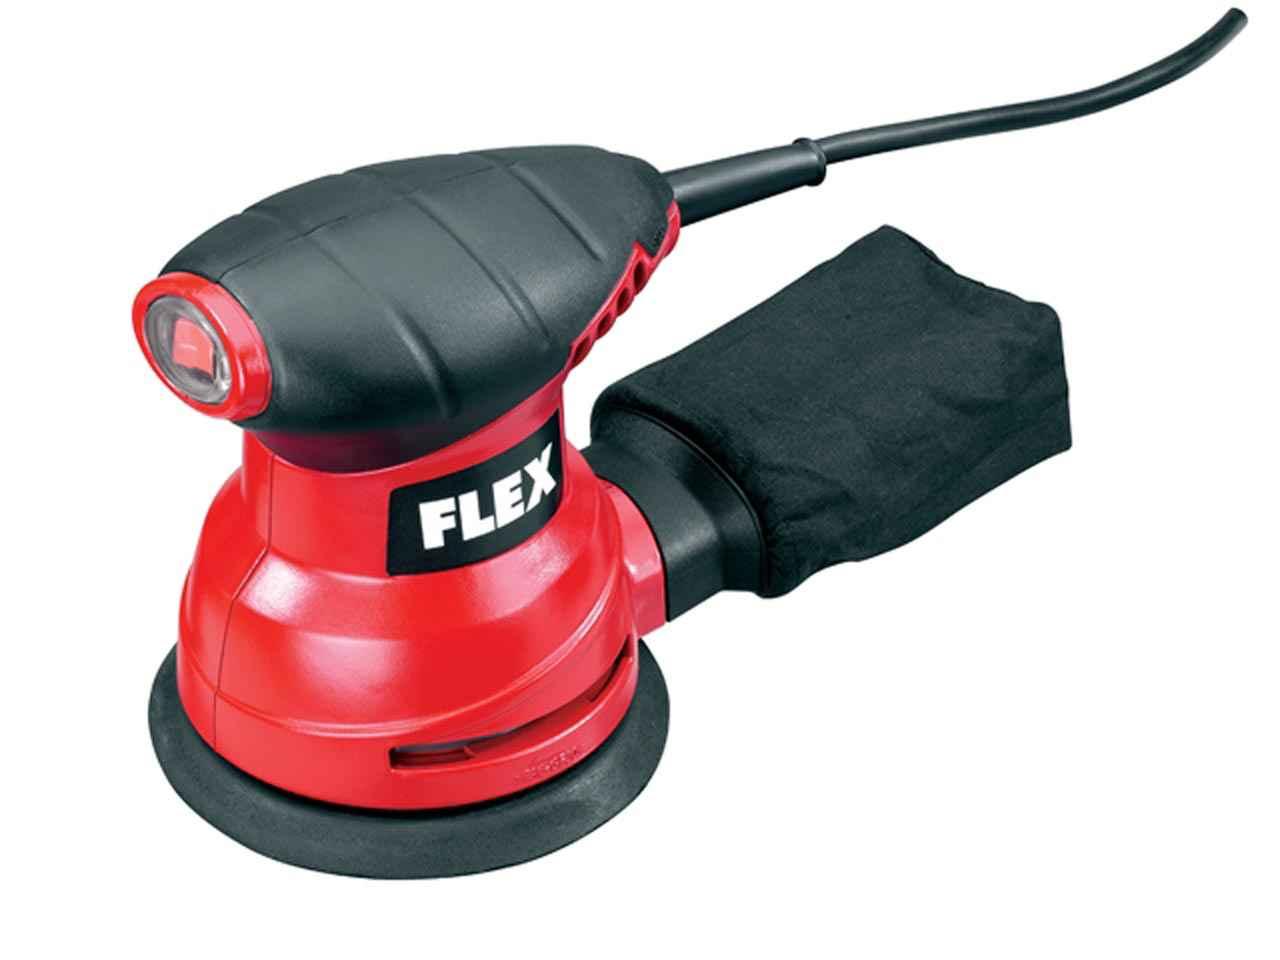 FLXXS713.JPG